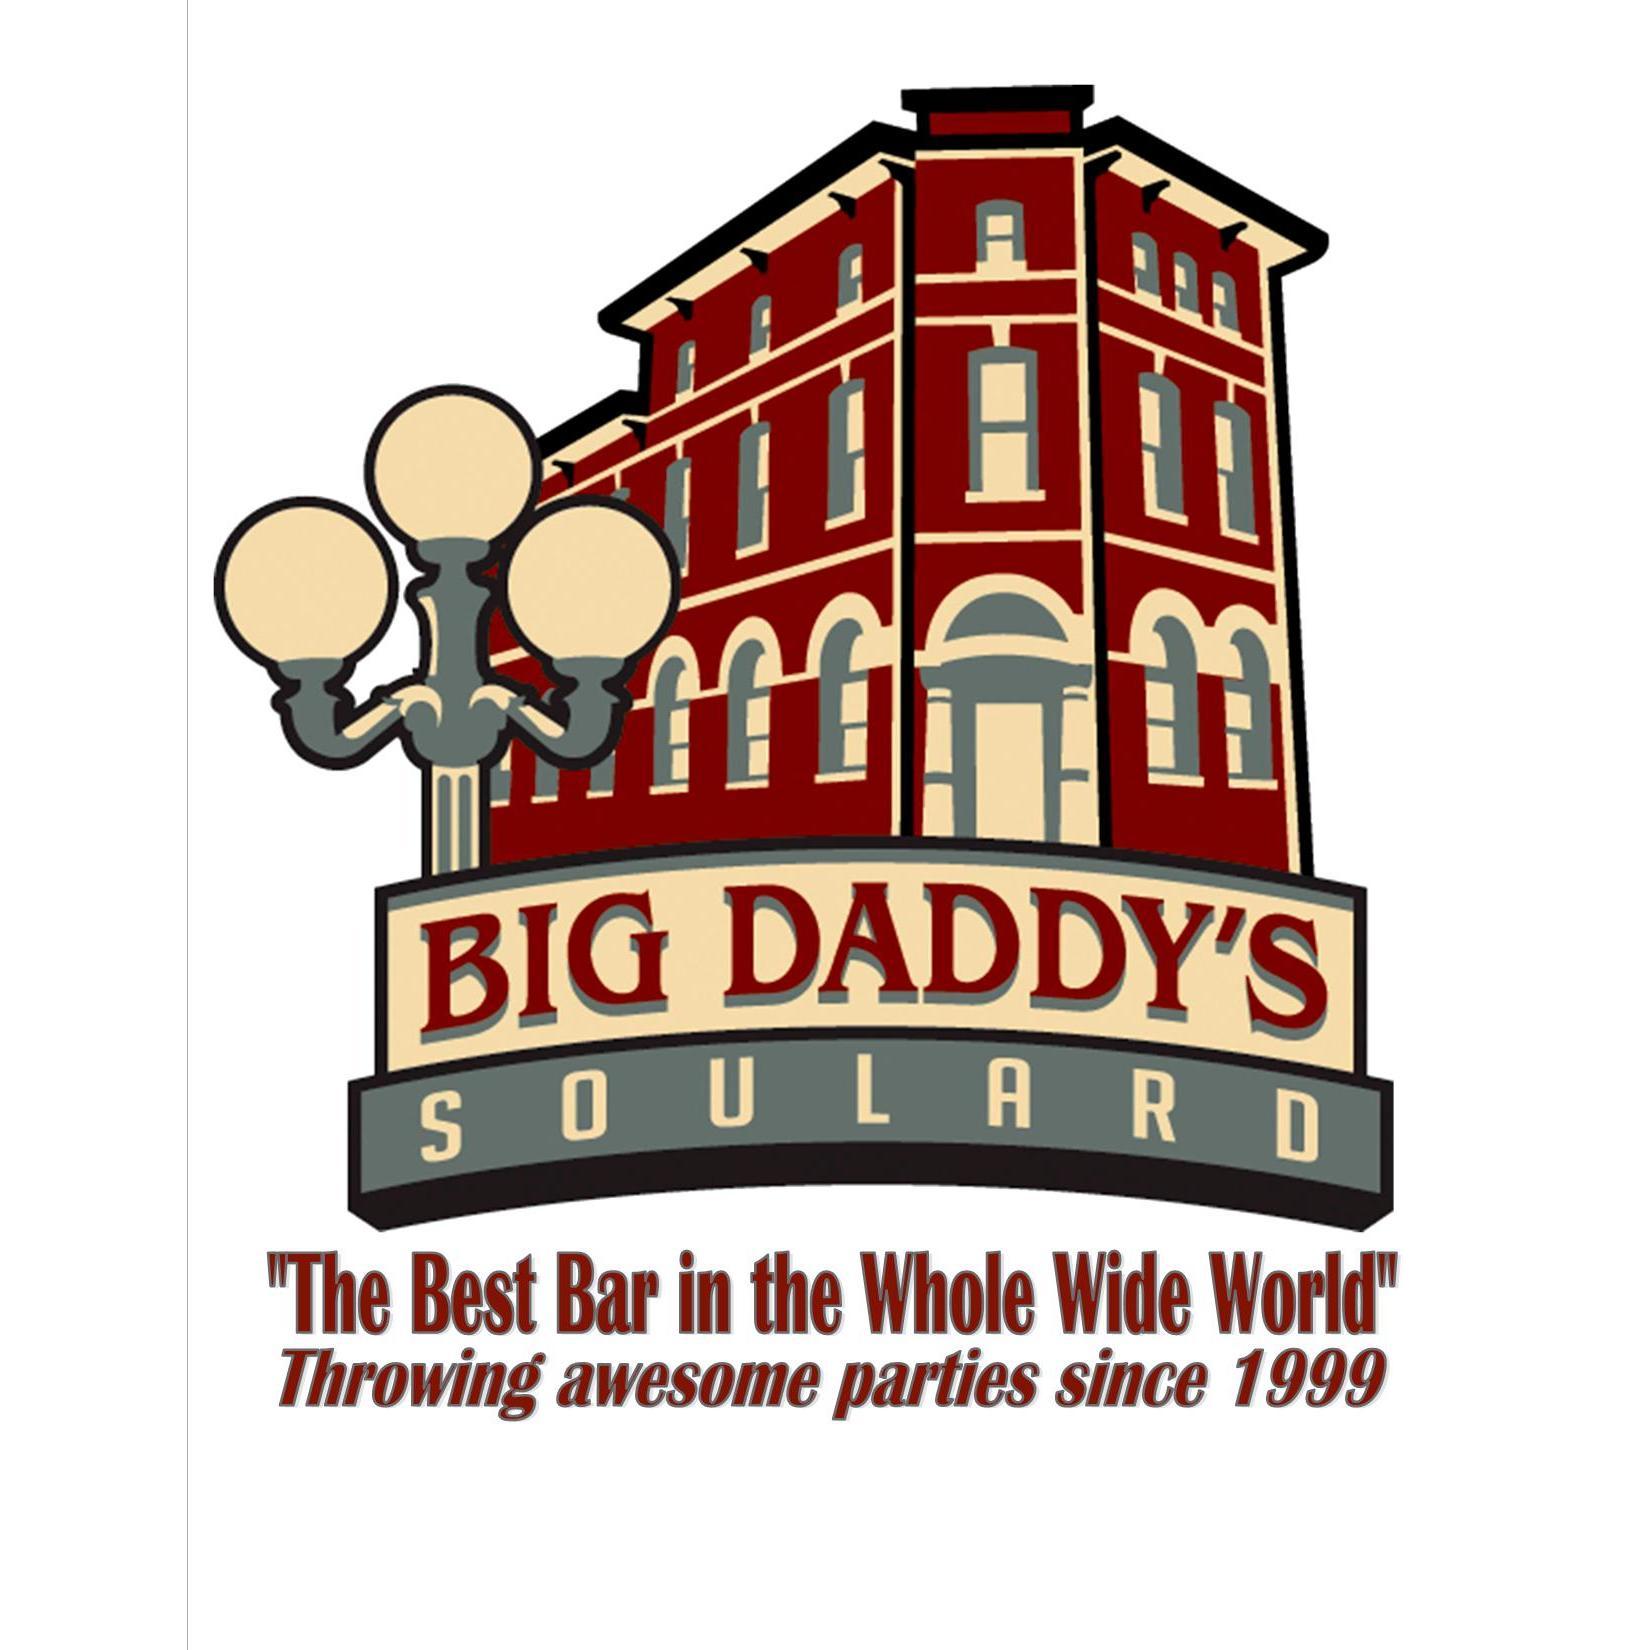 Big Daddy's Bar & Grill - Soulard